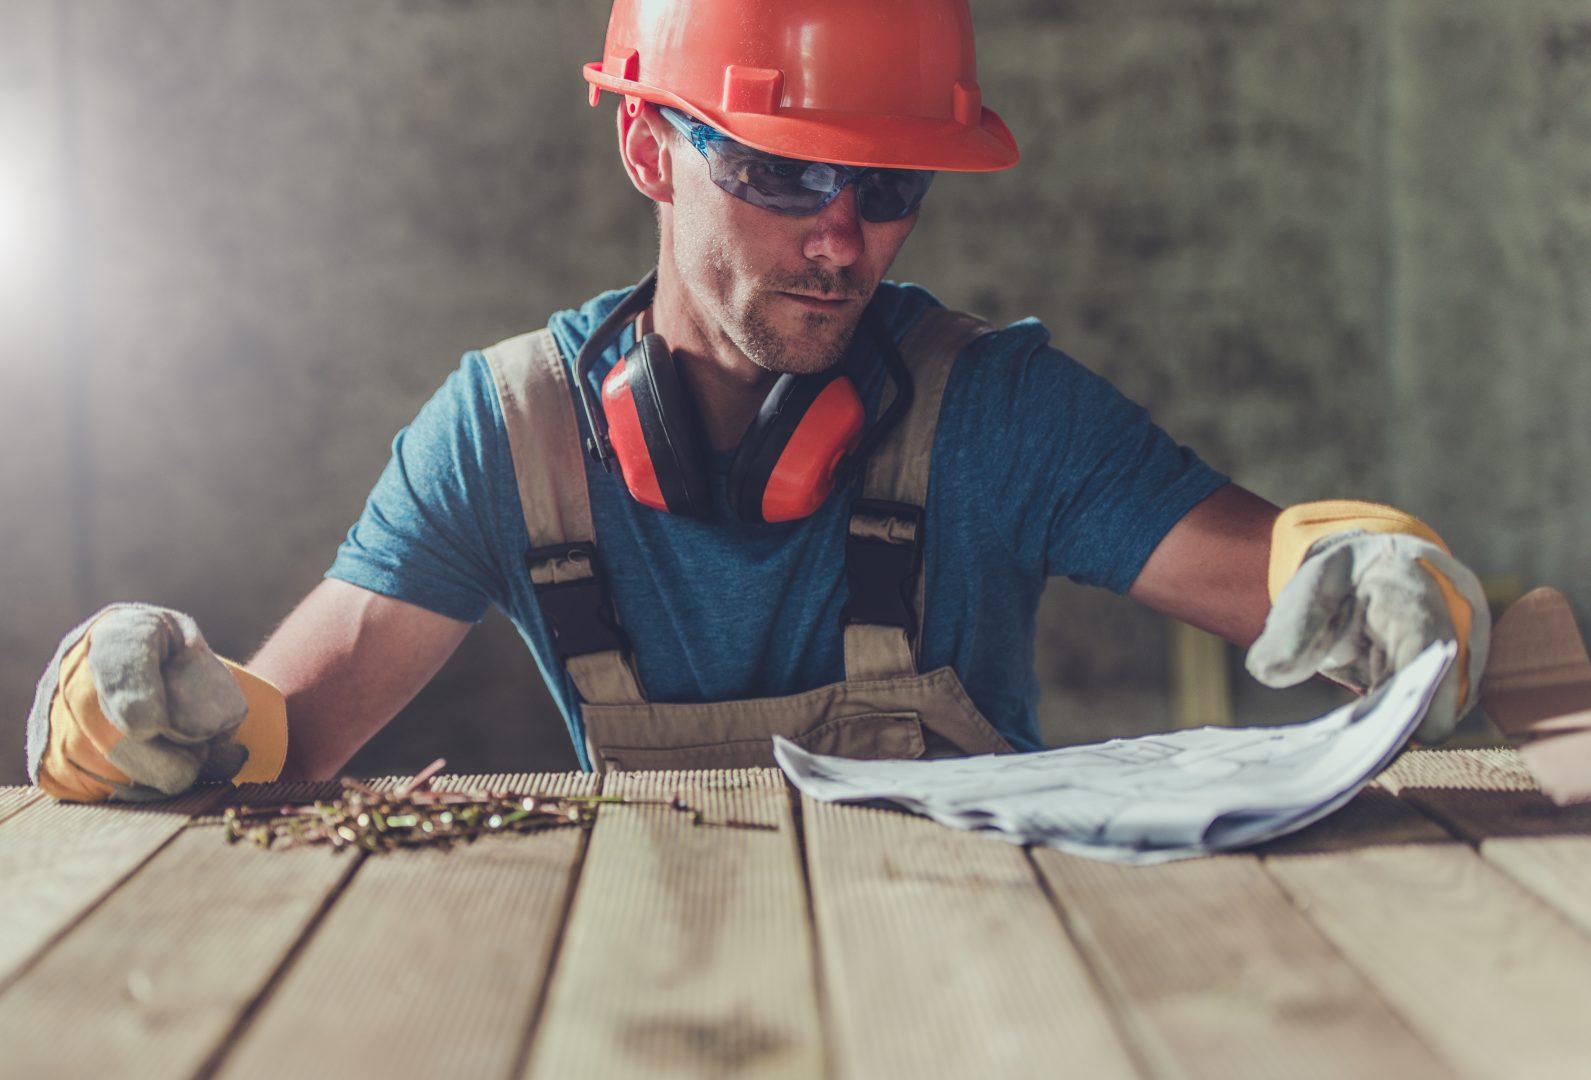 Electrical Contractor Zelulon, GA